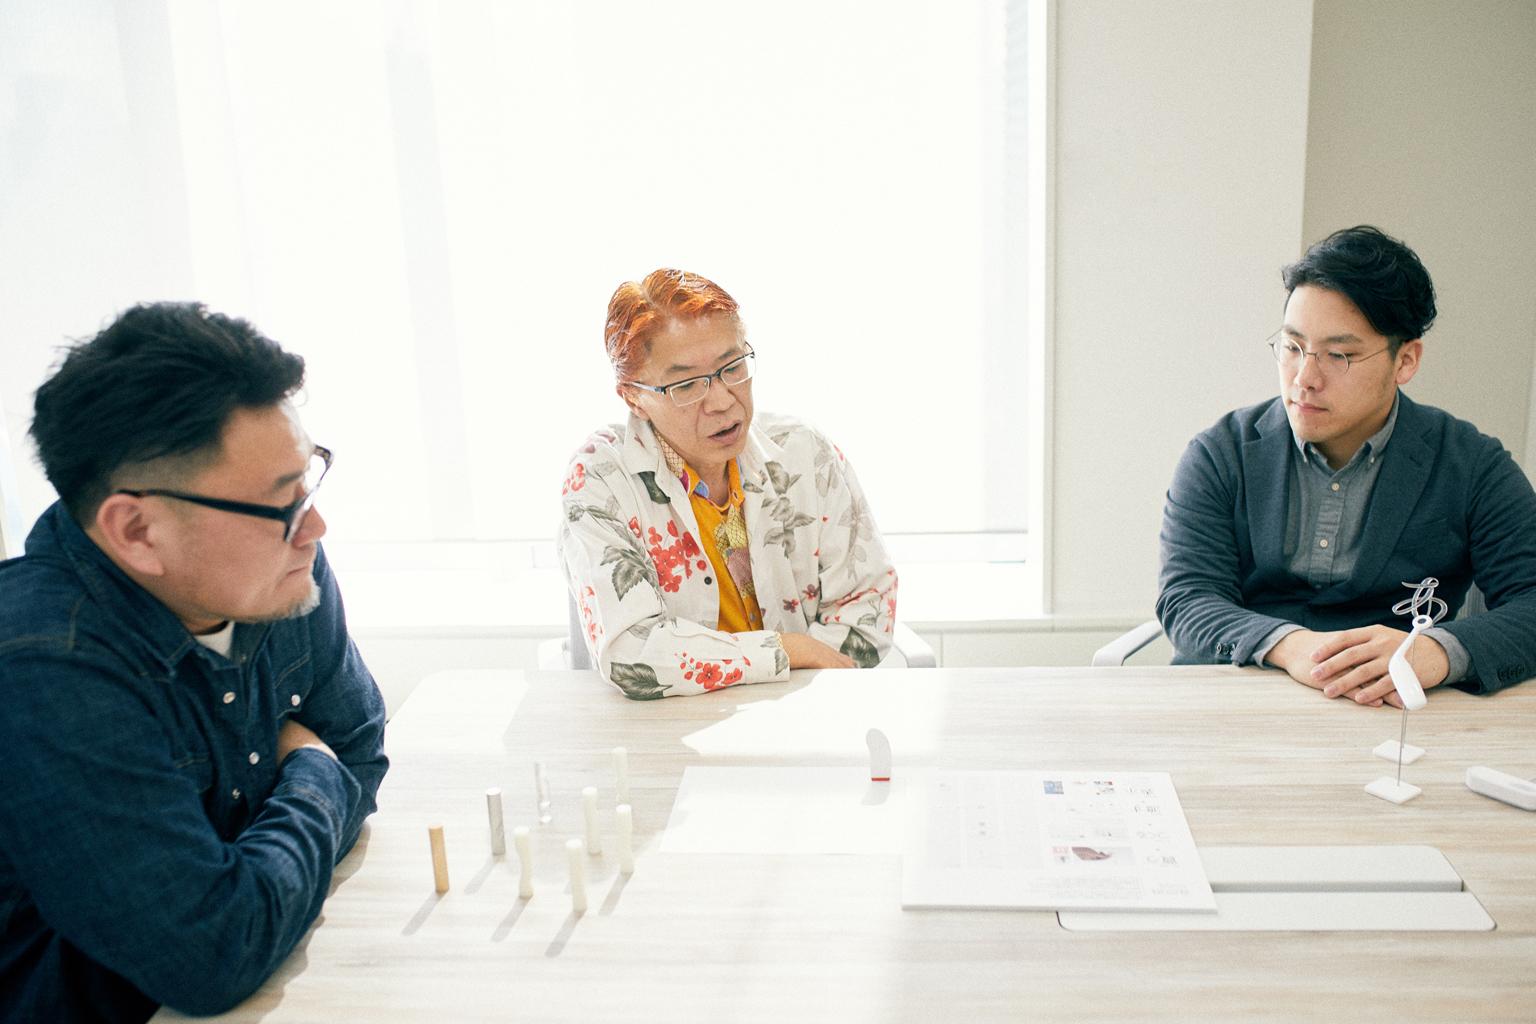 11th『シヤチハタ・ニュープロダクト・デザイン・コンペティション』受賞作品模型を見ながら制作を振り返る、受賞者3名。写真左から明間さん、清水さん、青柳さん。